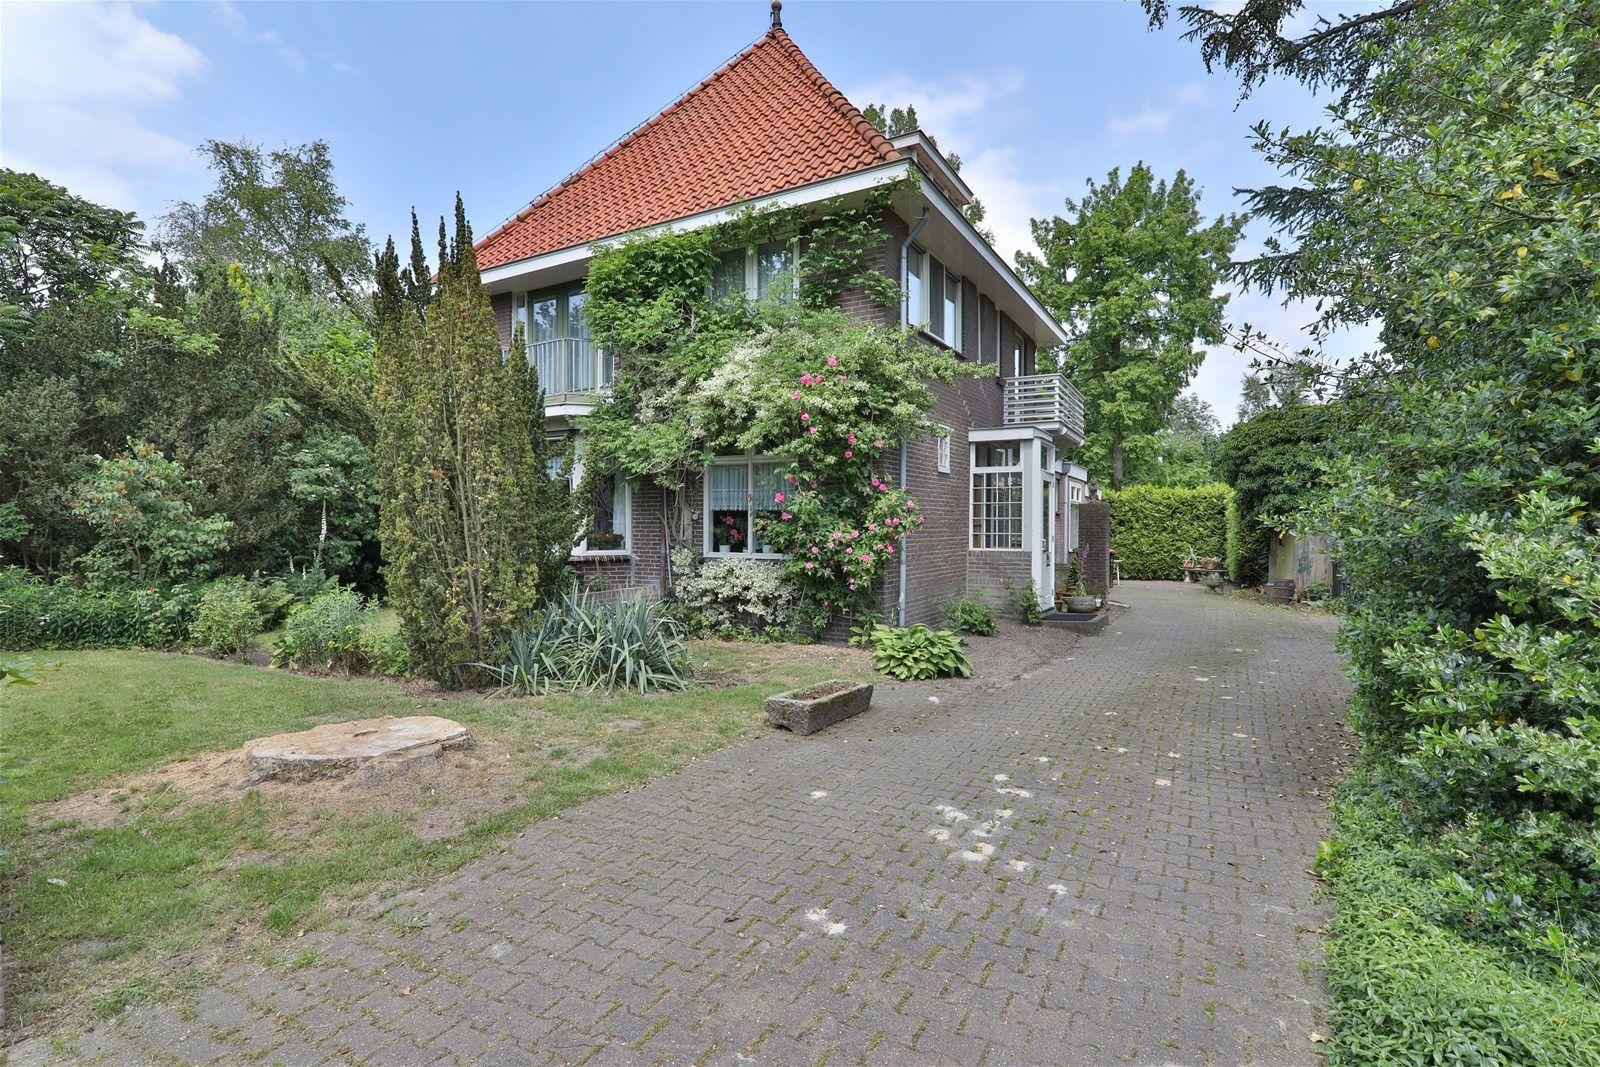 De Vos van Steenwijklaan 77, Hoogeveen